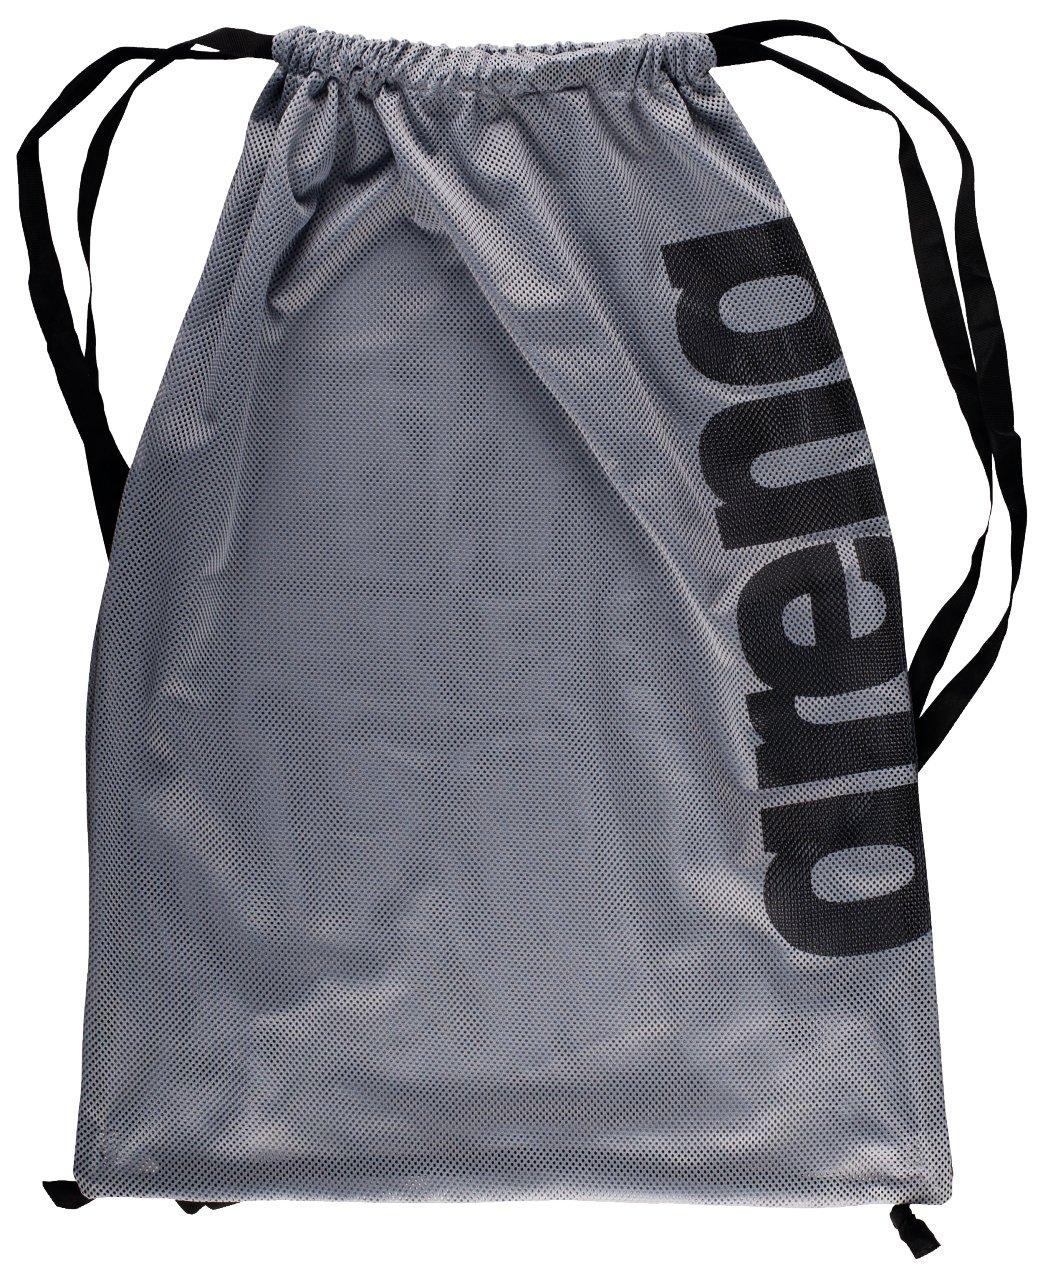 arena Unisex 2-in-1 Netztasche Rucksack Mesh Bag Schnelltrocknend, Kordelverschluss